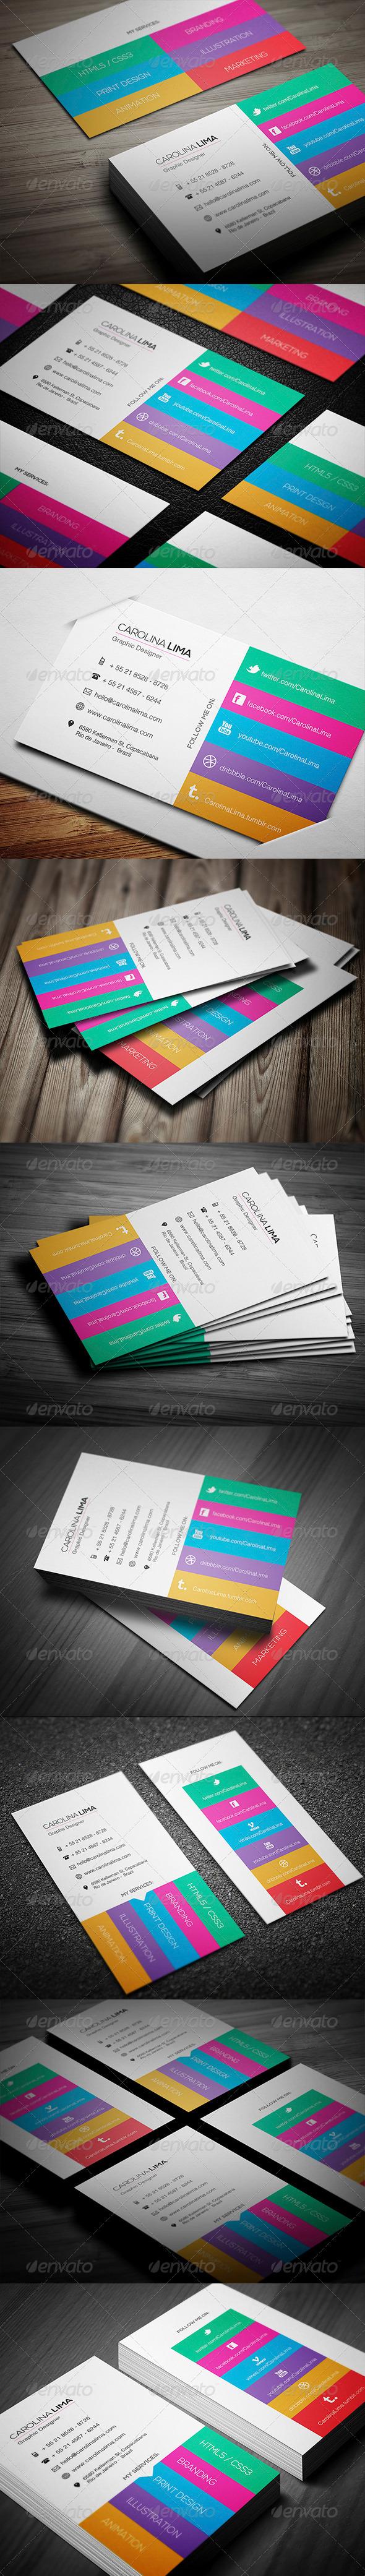 GraphicRiver Designer Business Card 4596522